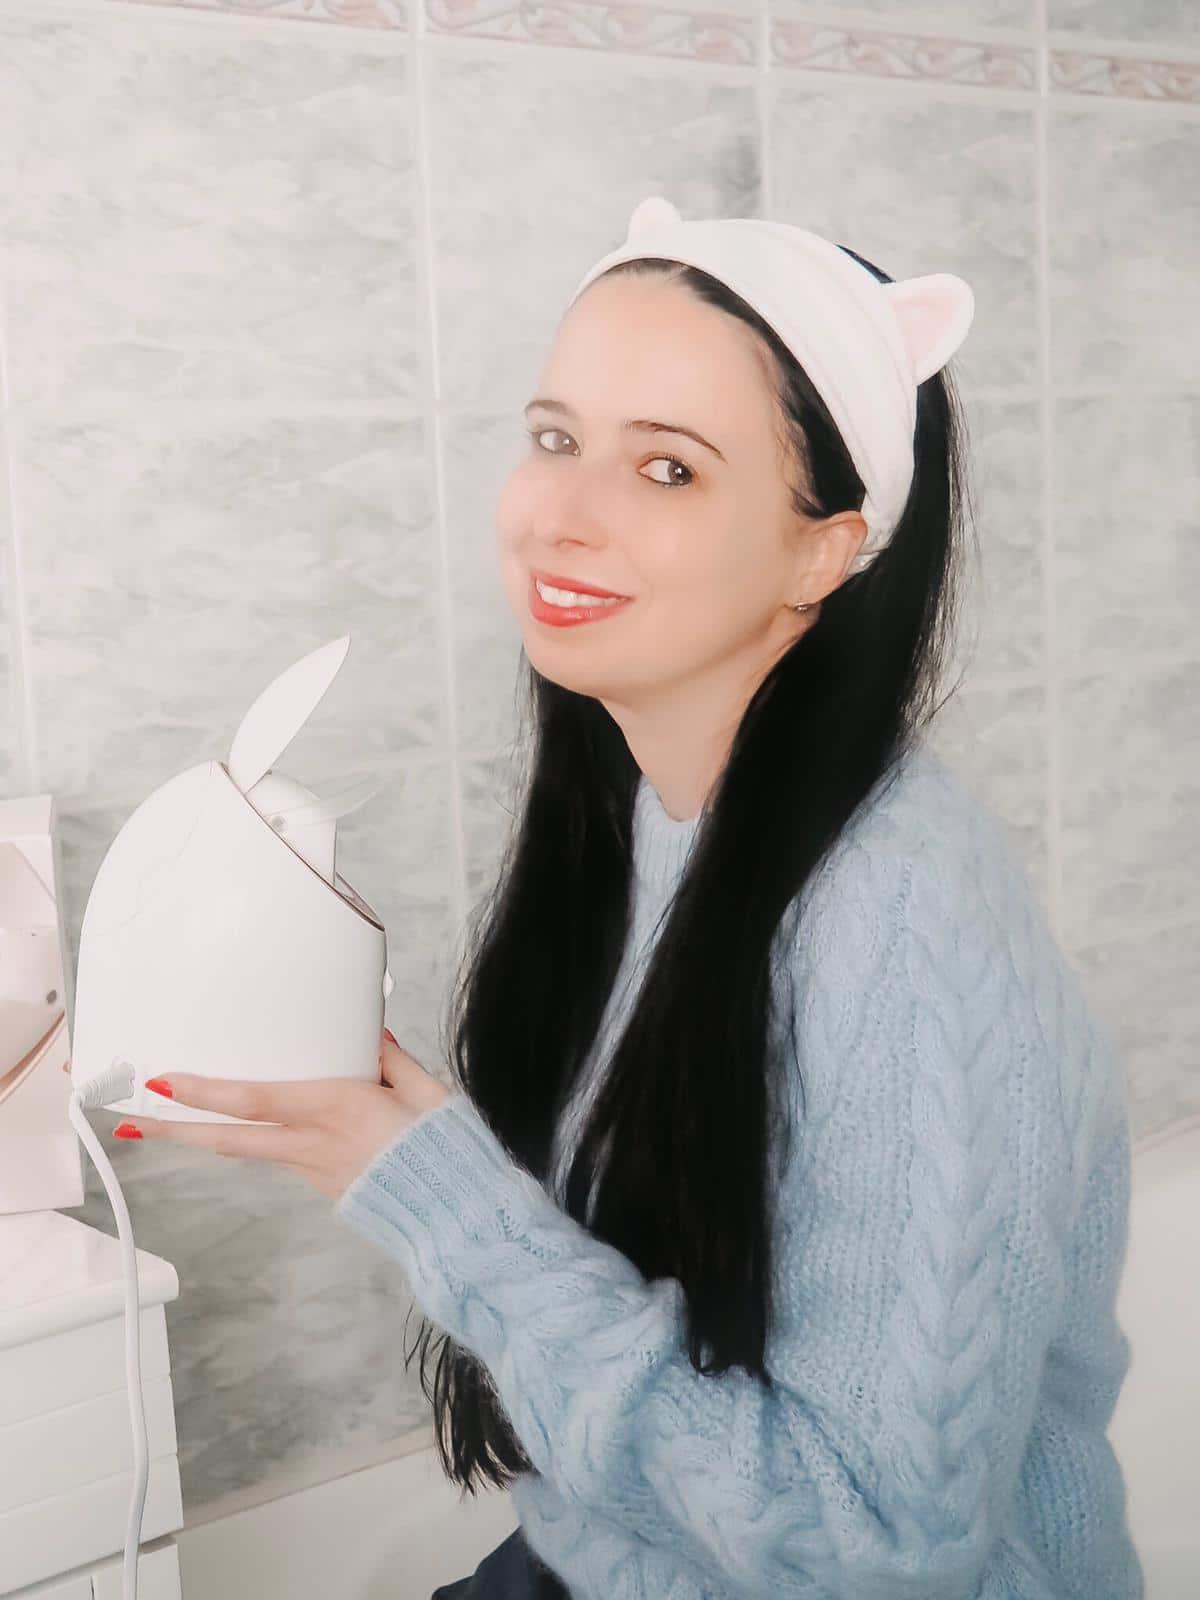 Eine schöne und reine Haut zu haben ist der Traum aller Frauen. Mit dem Facial Steamer von Panasonic mit Nano-Technologie wird diese zur Wirklichkeit.